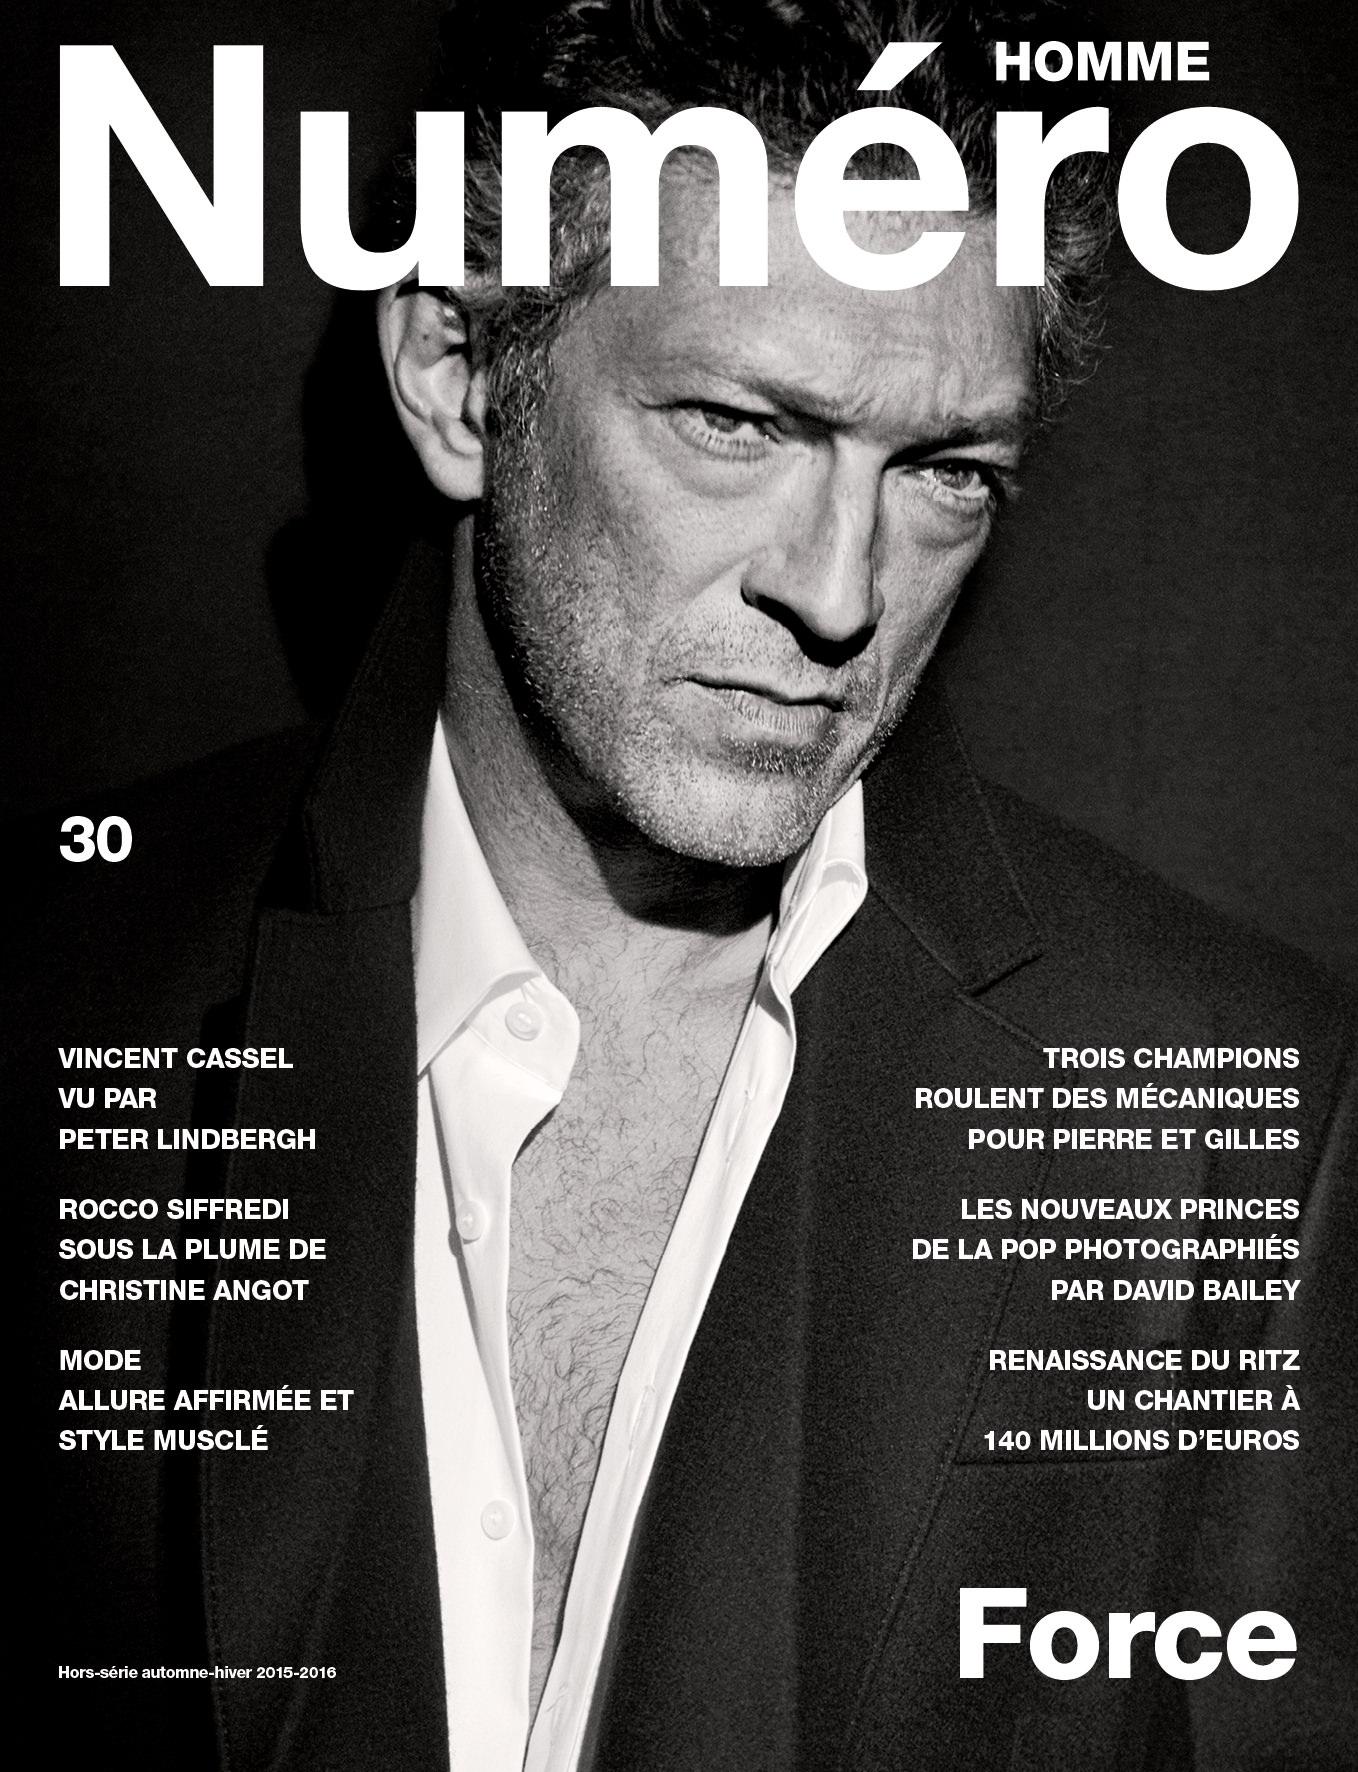 Cover story : Vincent Cassel photographié par Peter Lindbergh